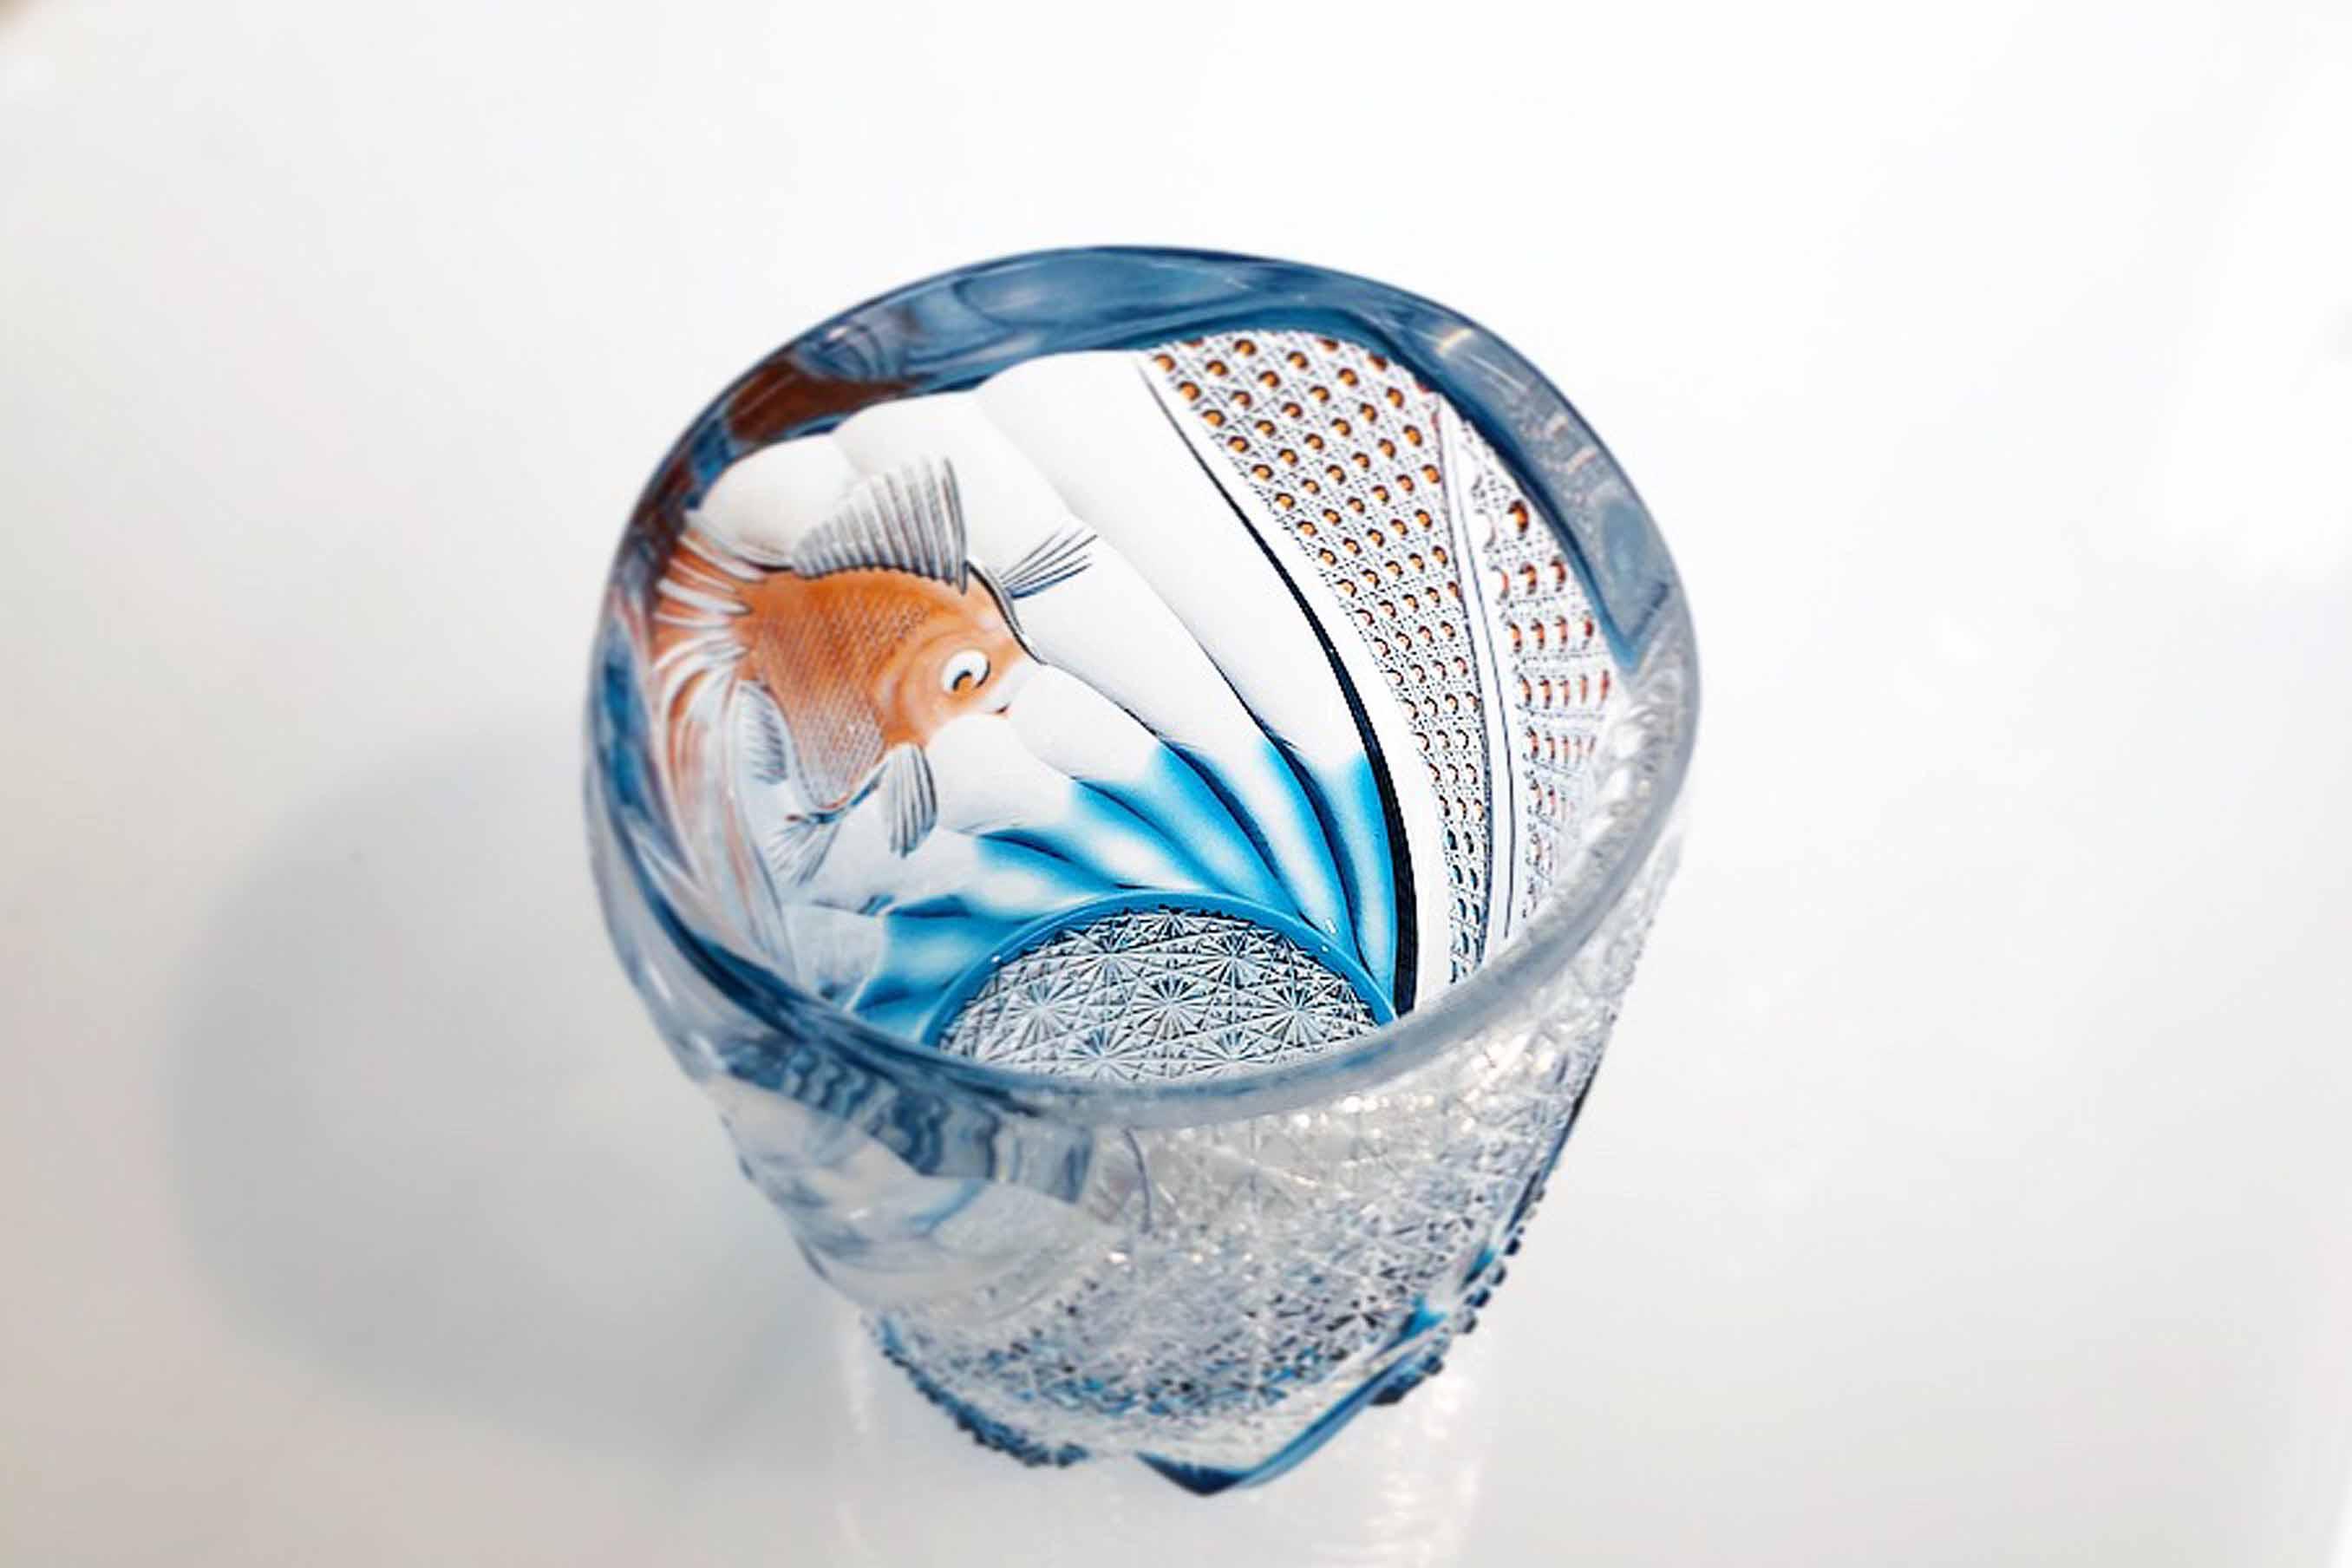 江戸切子らしい伝統紋様「菊つなぎ」と、写実的に描かれた金魚に色のグラデーションが加わります